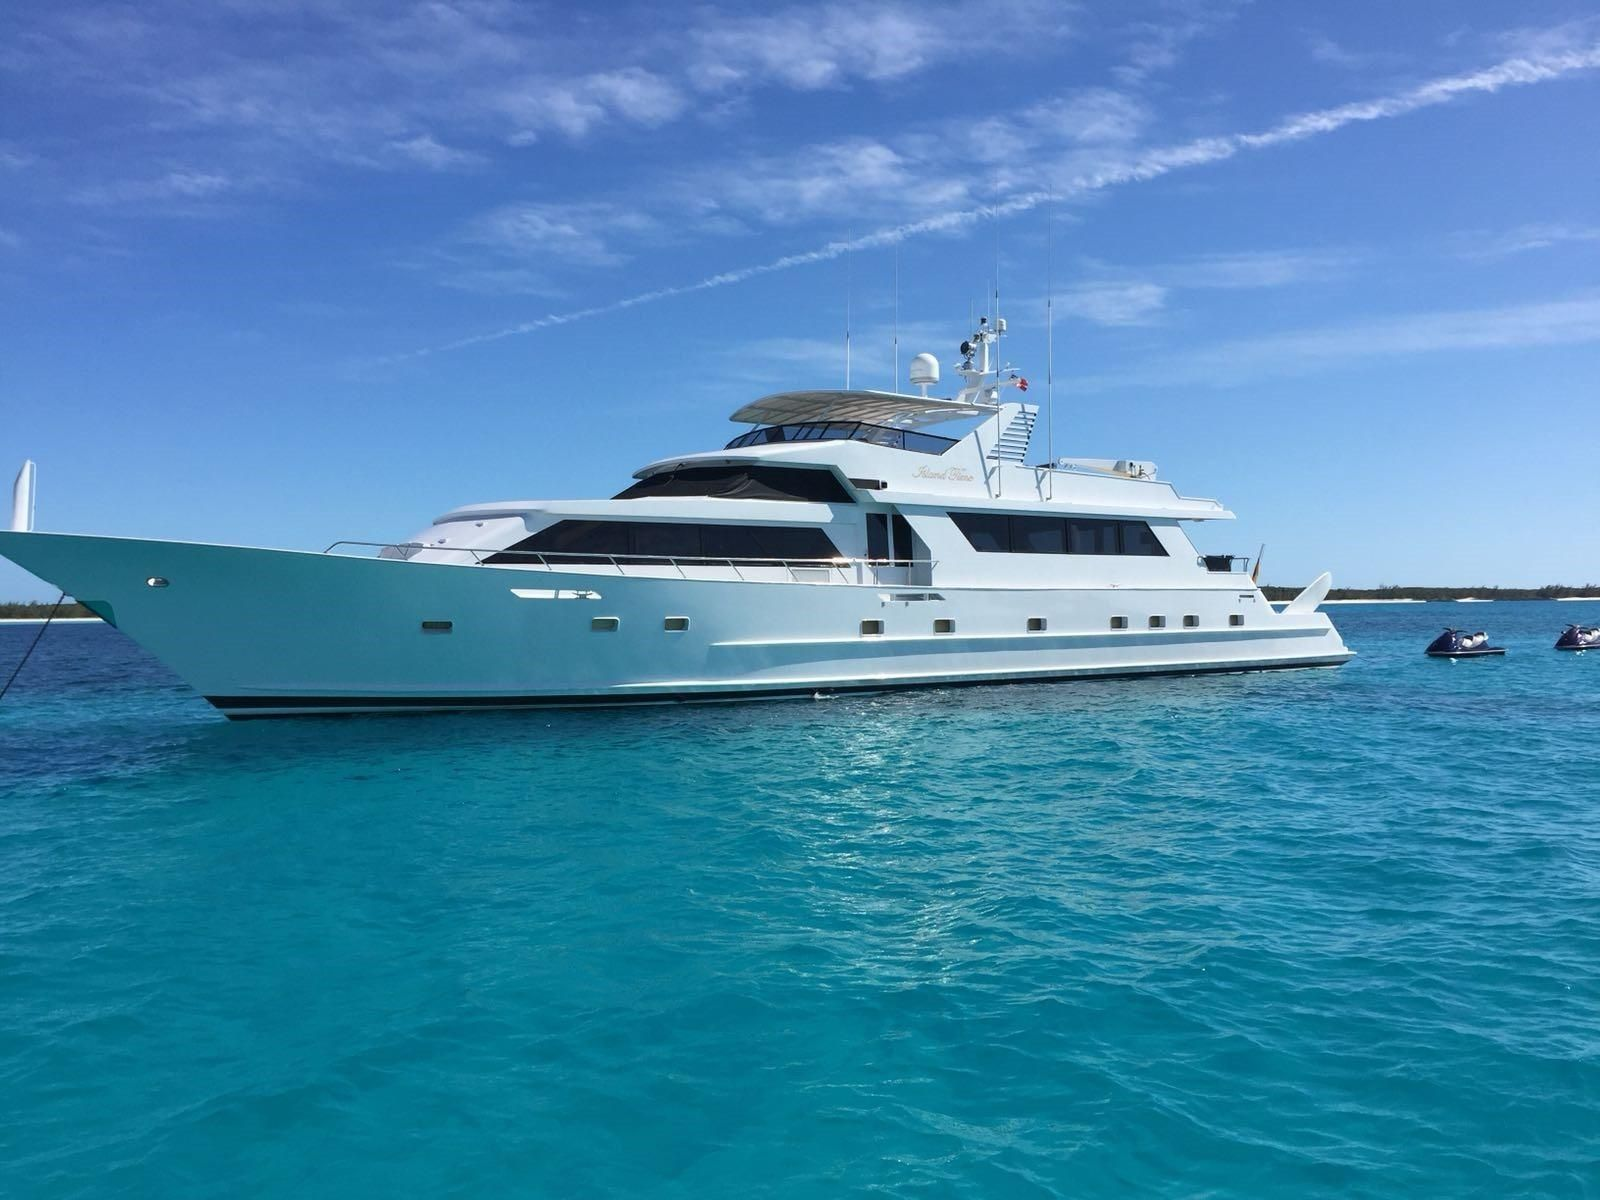 1991 broward motor yacht power boat for sale. Black Bedroom Furniture Sets. Home Design Ideas